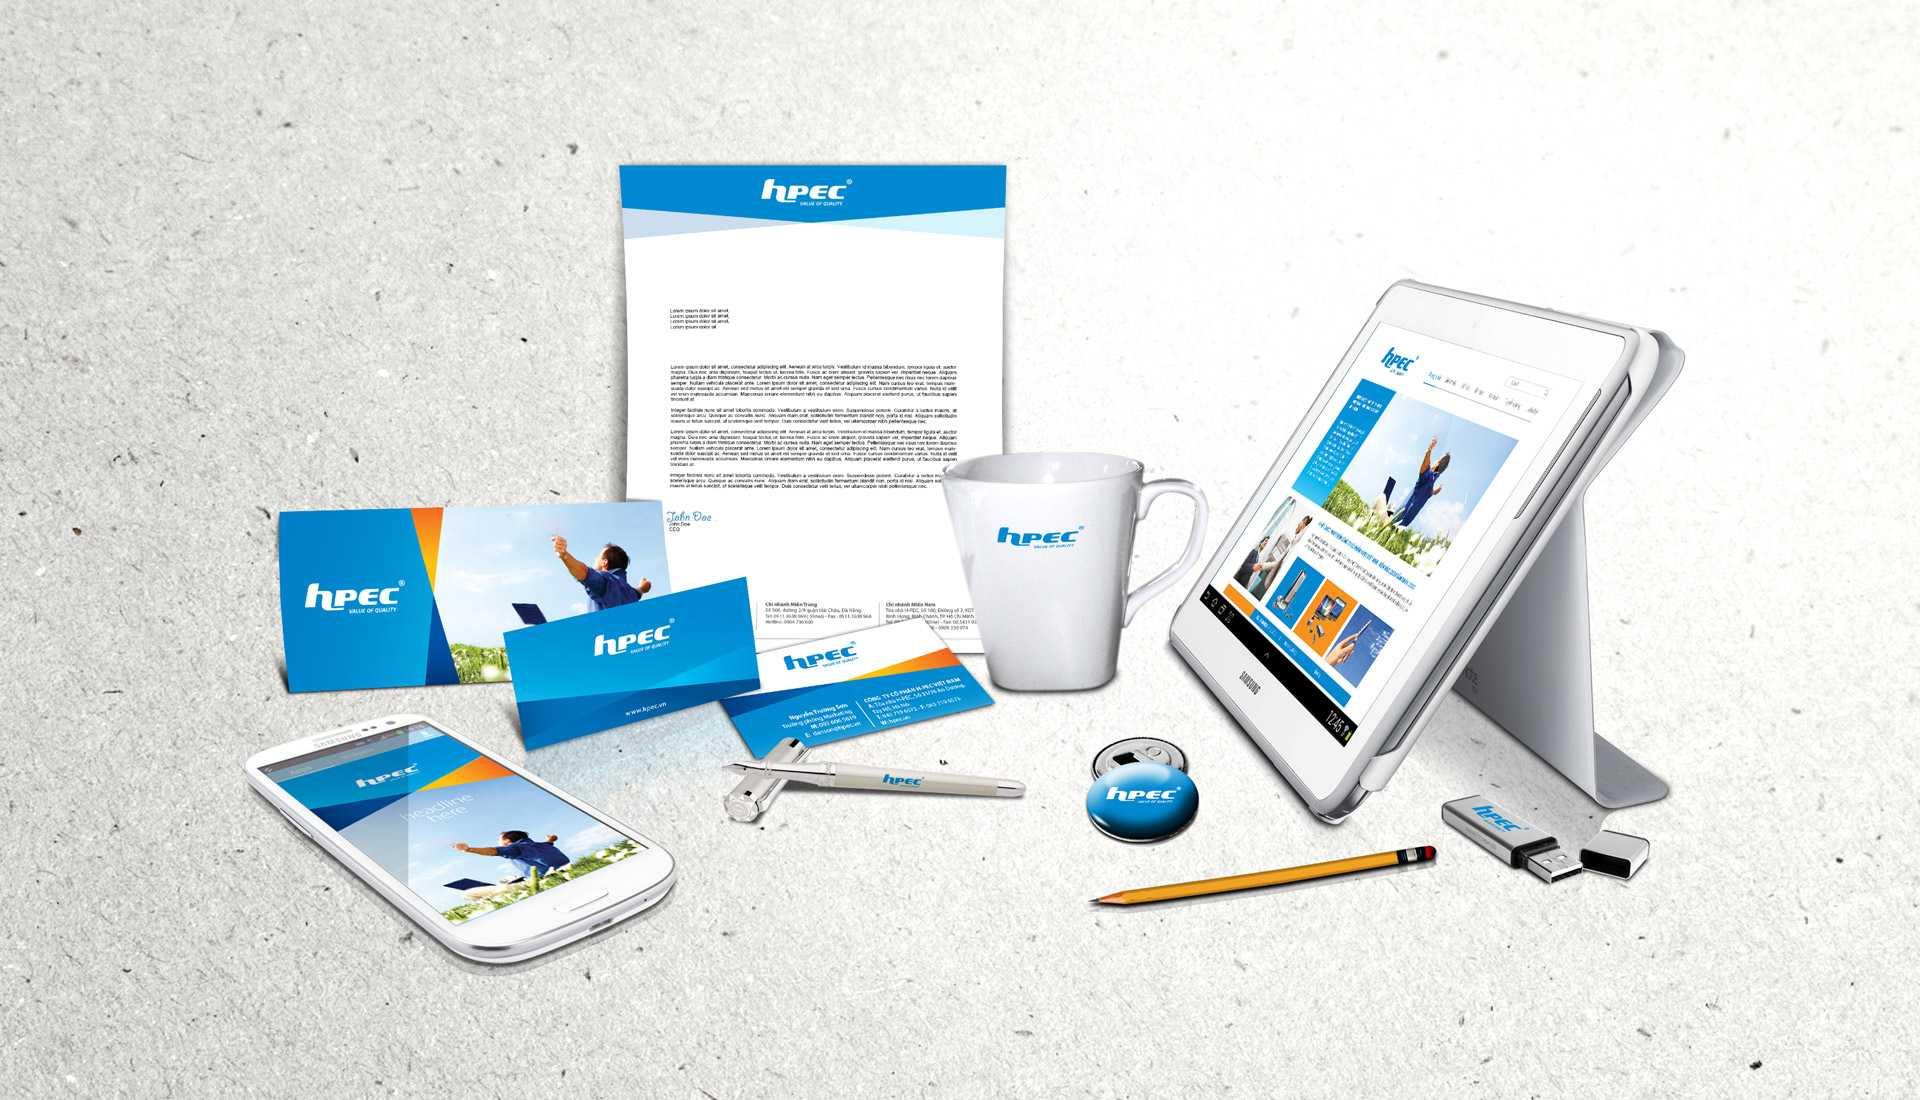 dự án bộ nhận diện thương hiệu hpec